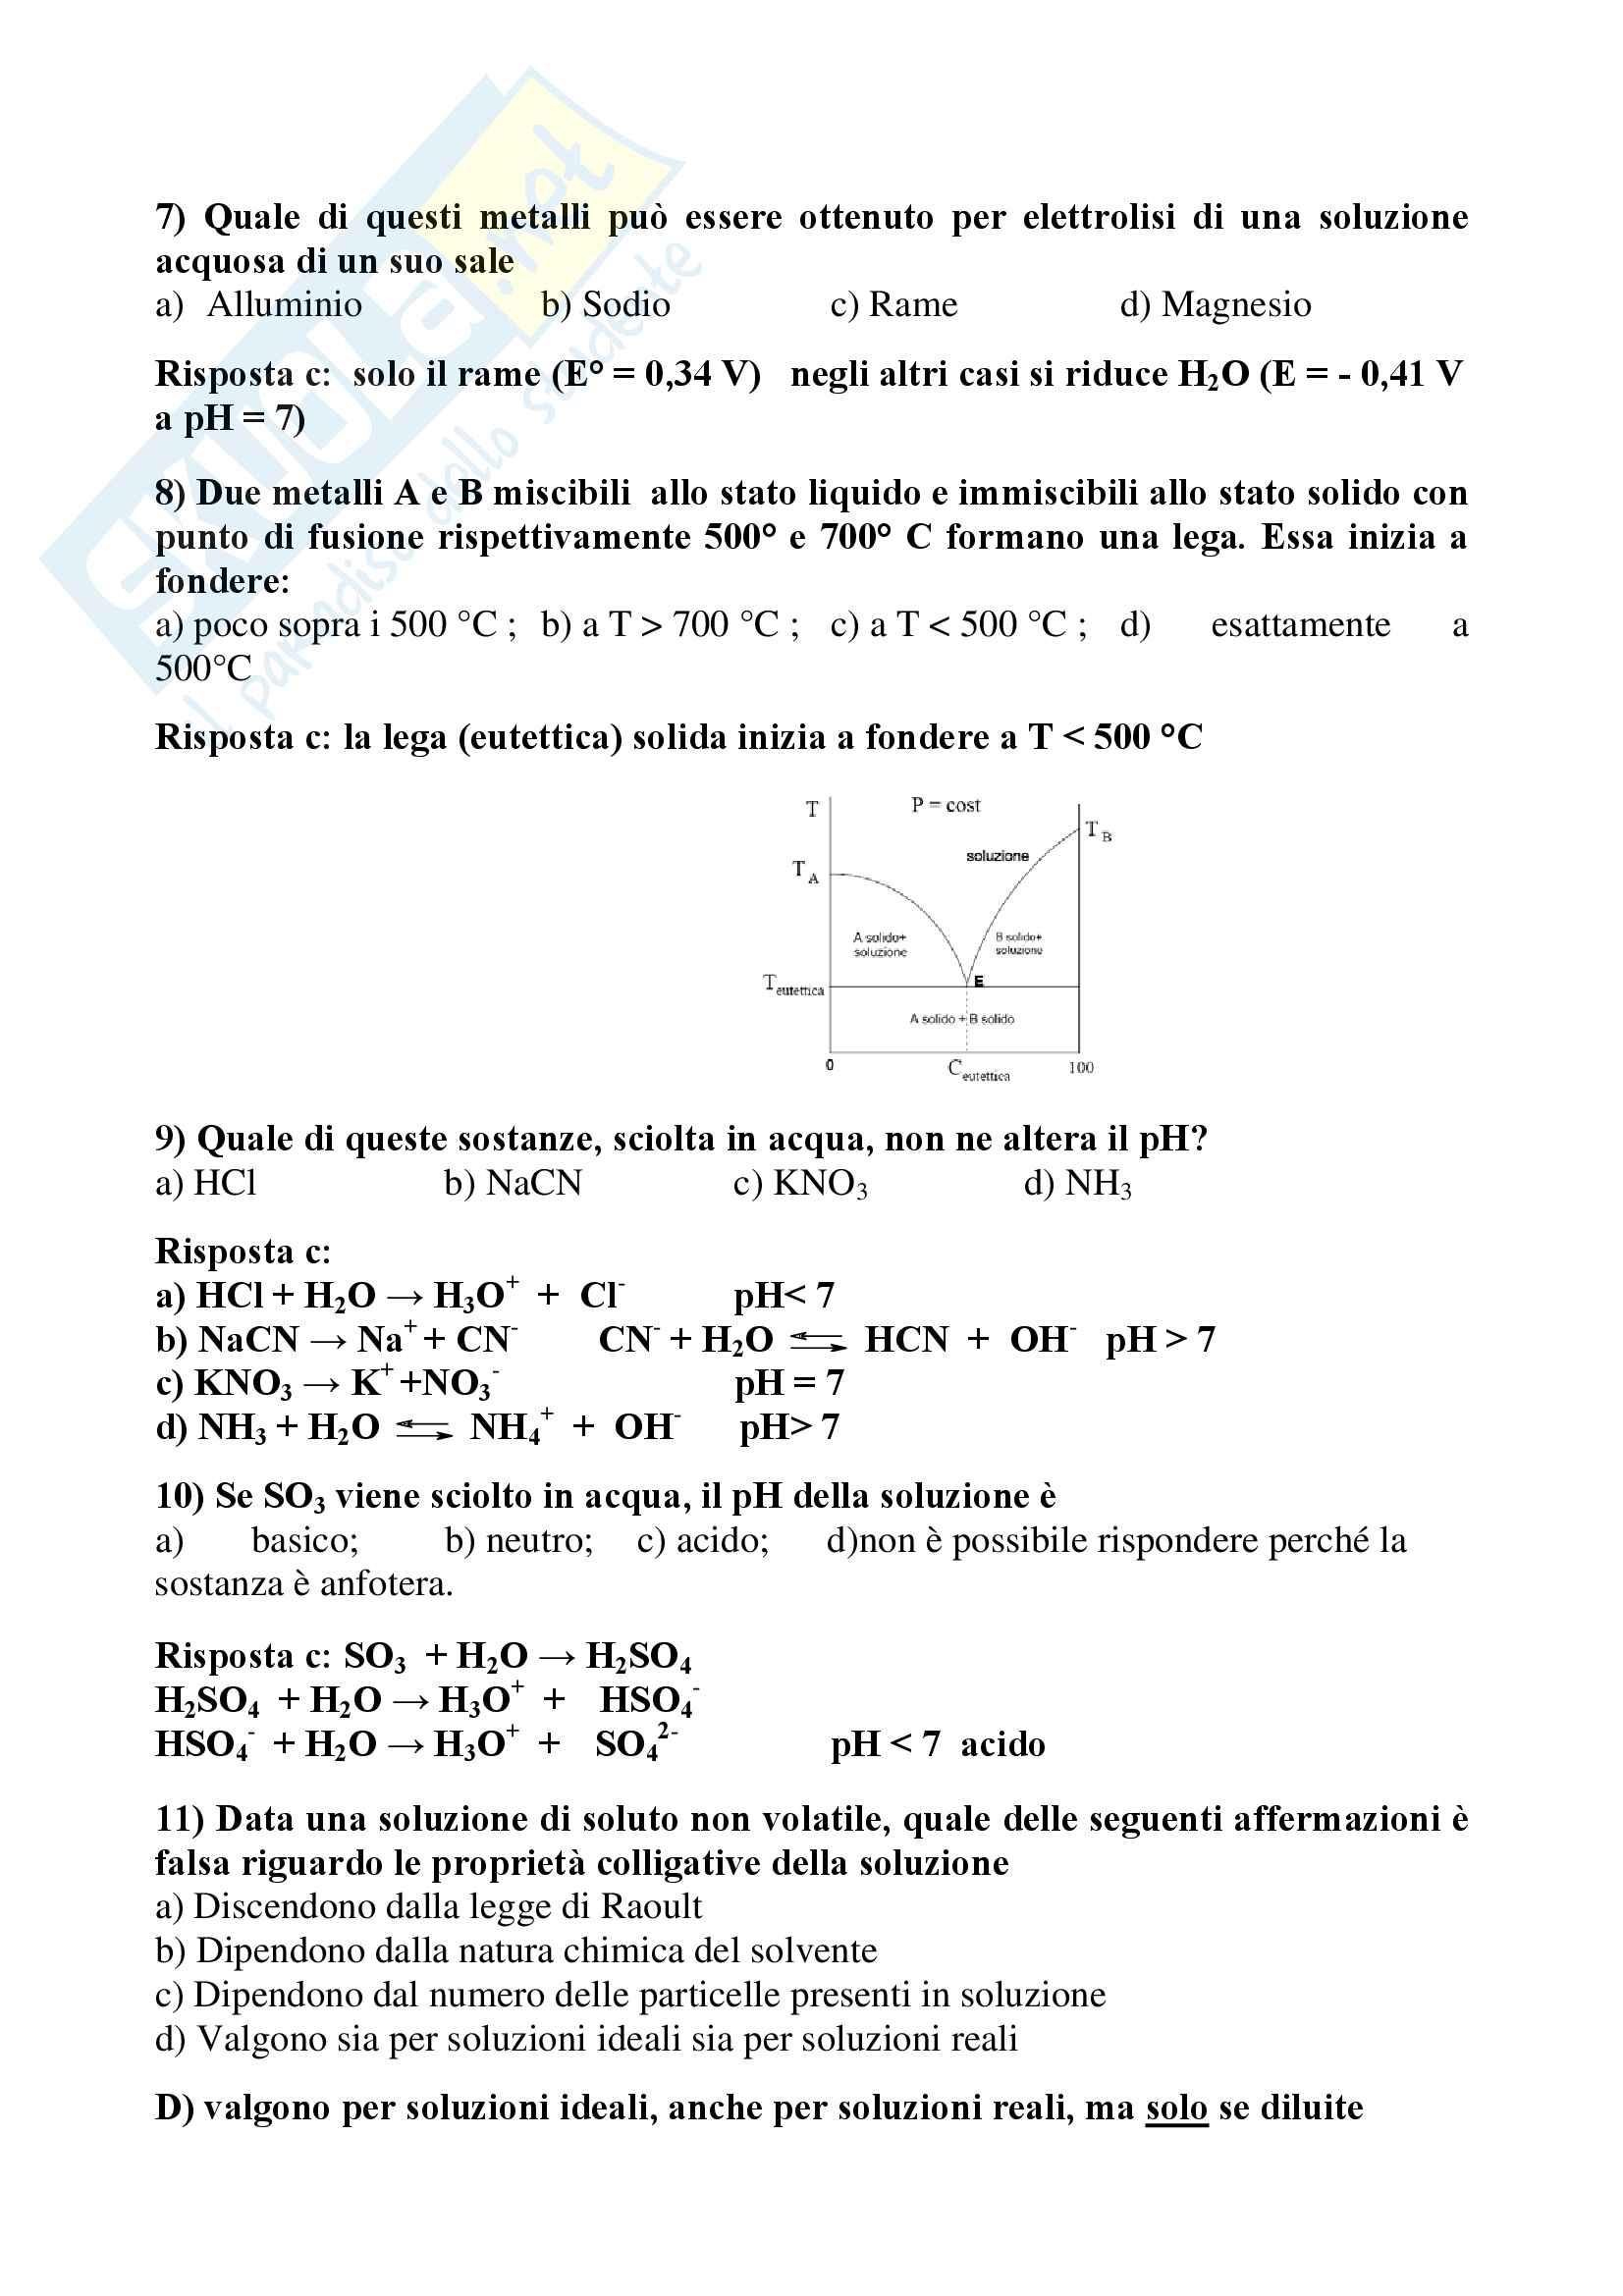 Chimica dell'edificio - Temi d'esame svolti Pag. 76